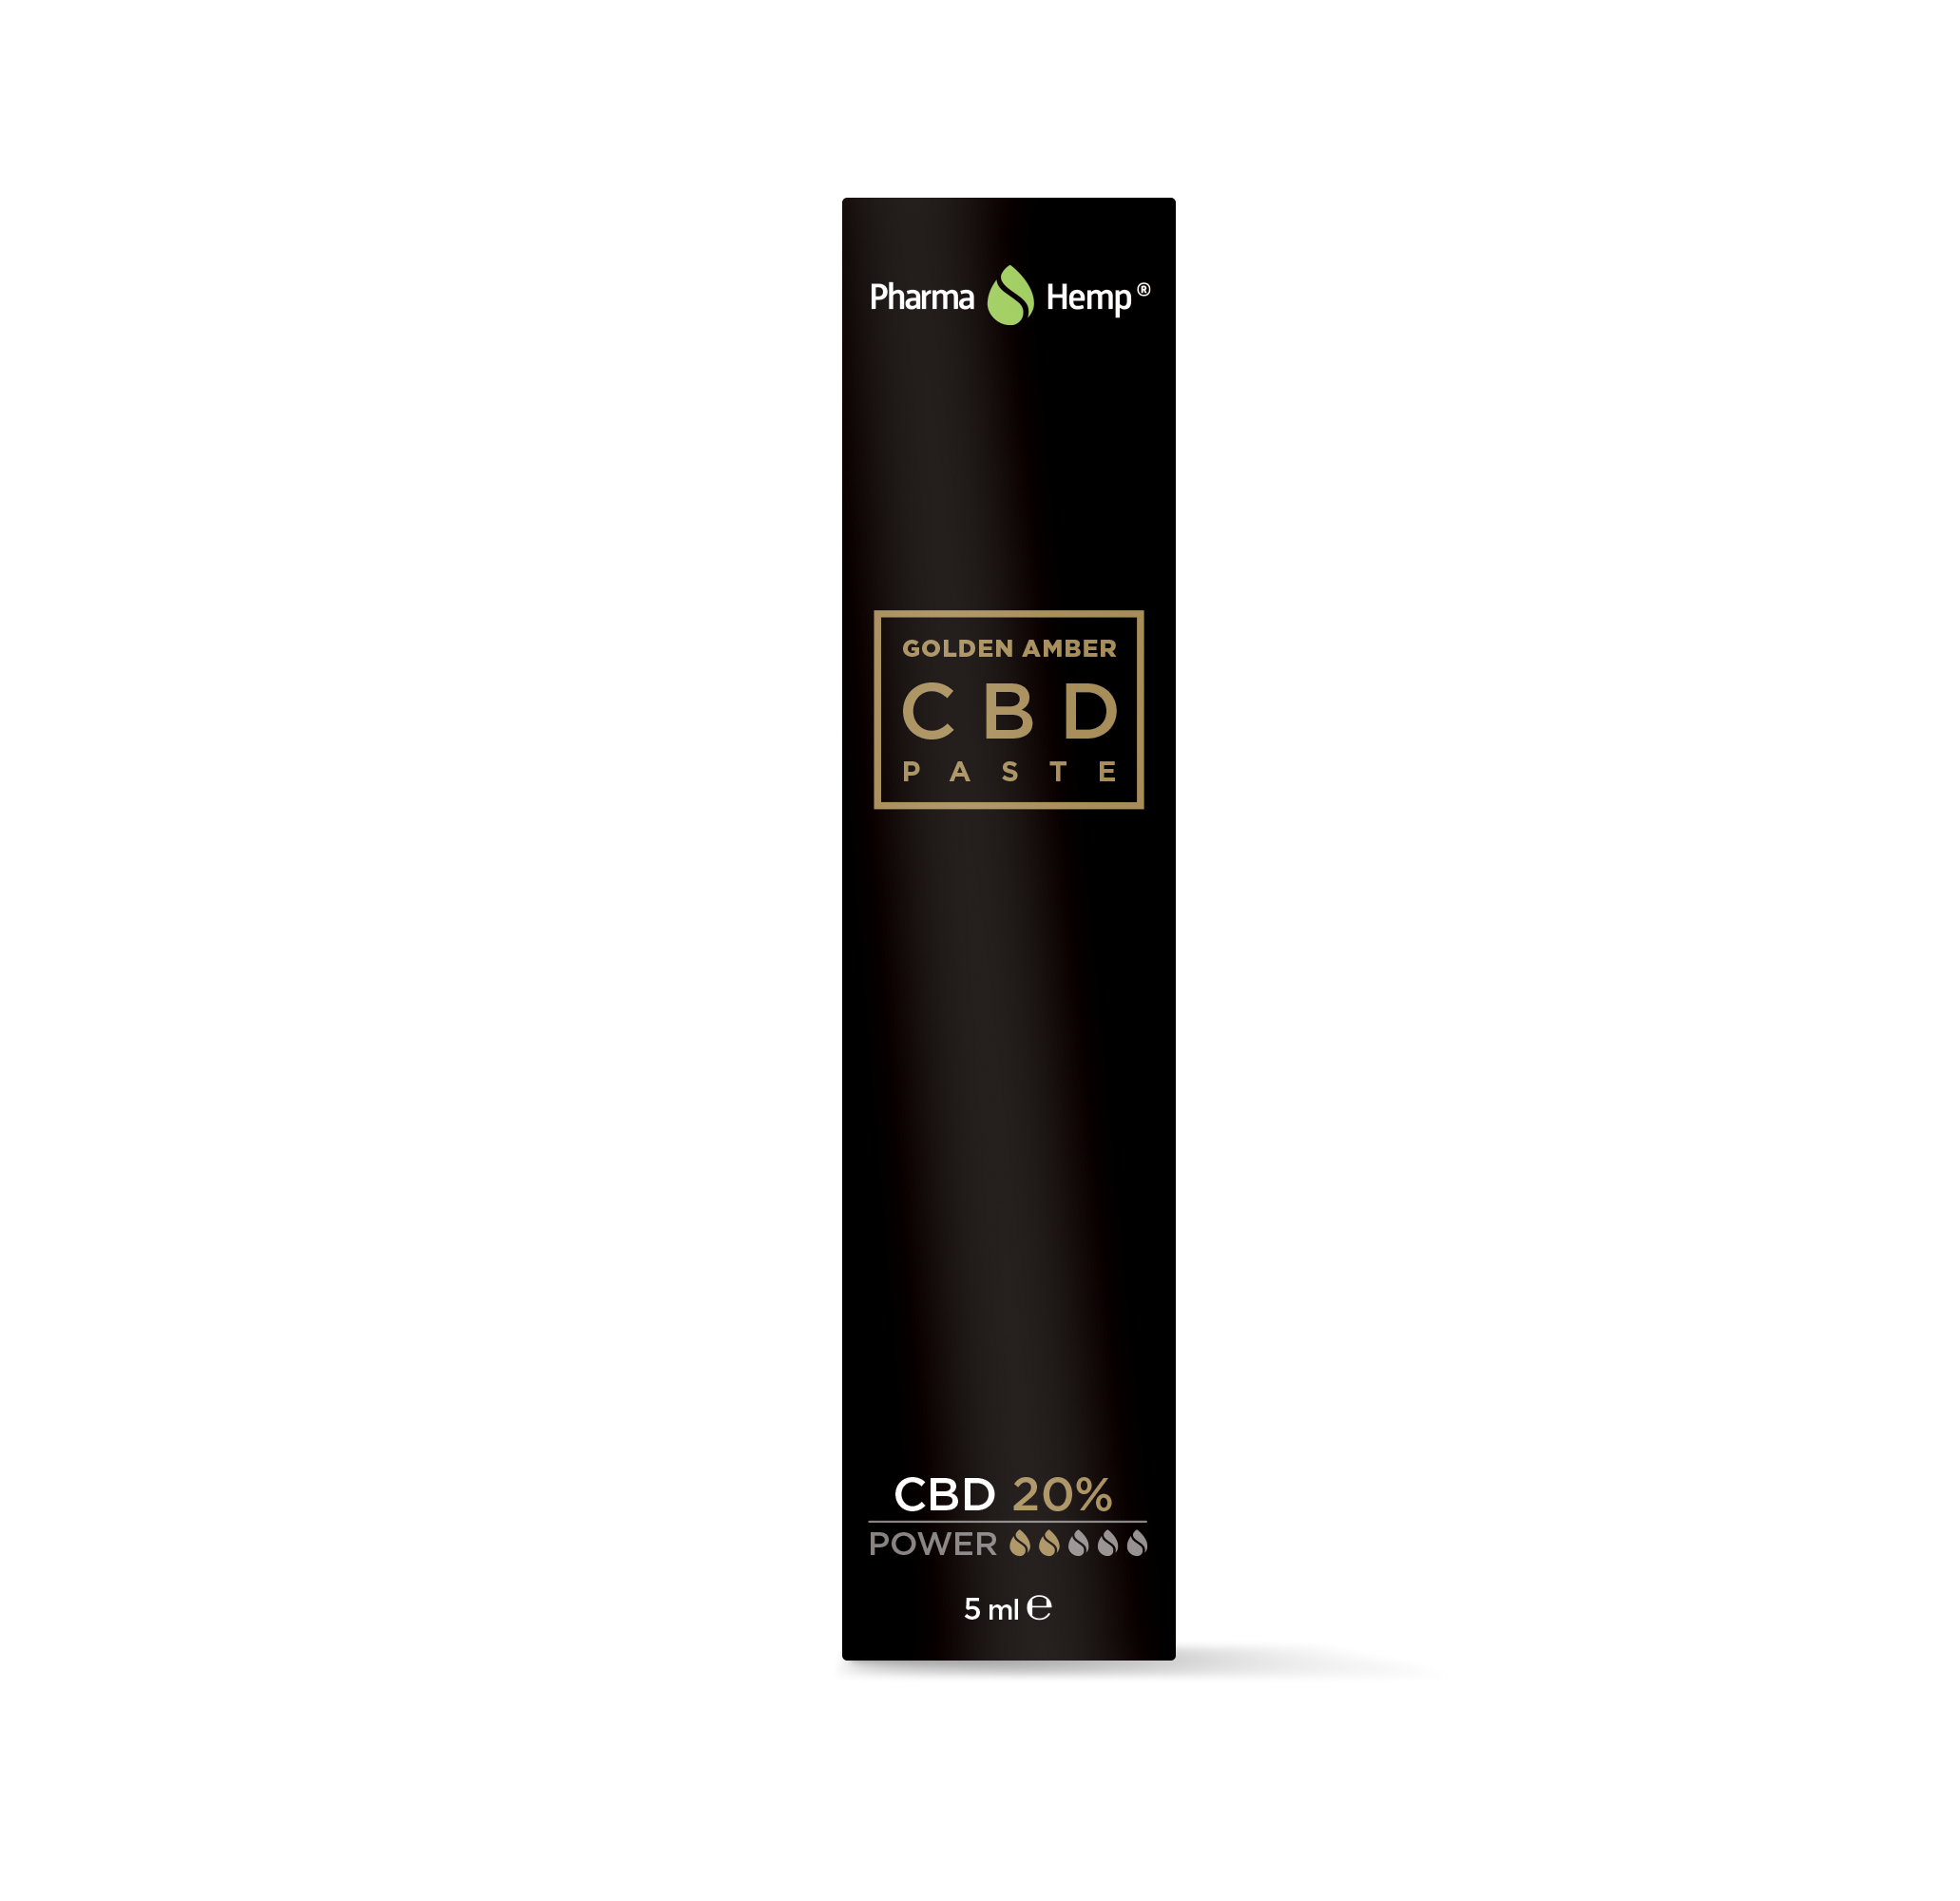 CBD GOLDEN AMBER PASTE 5ml - 20%